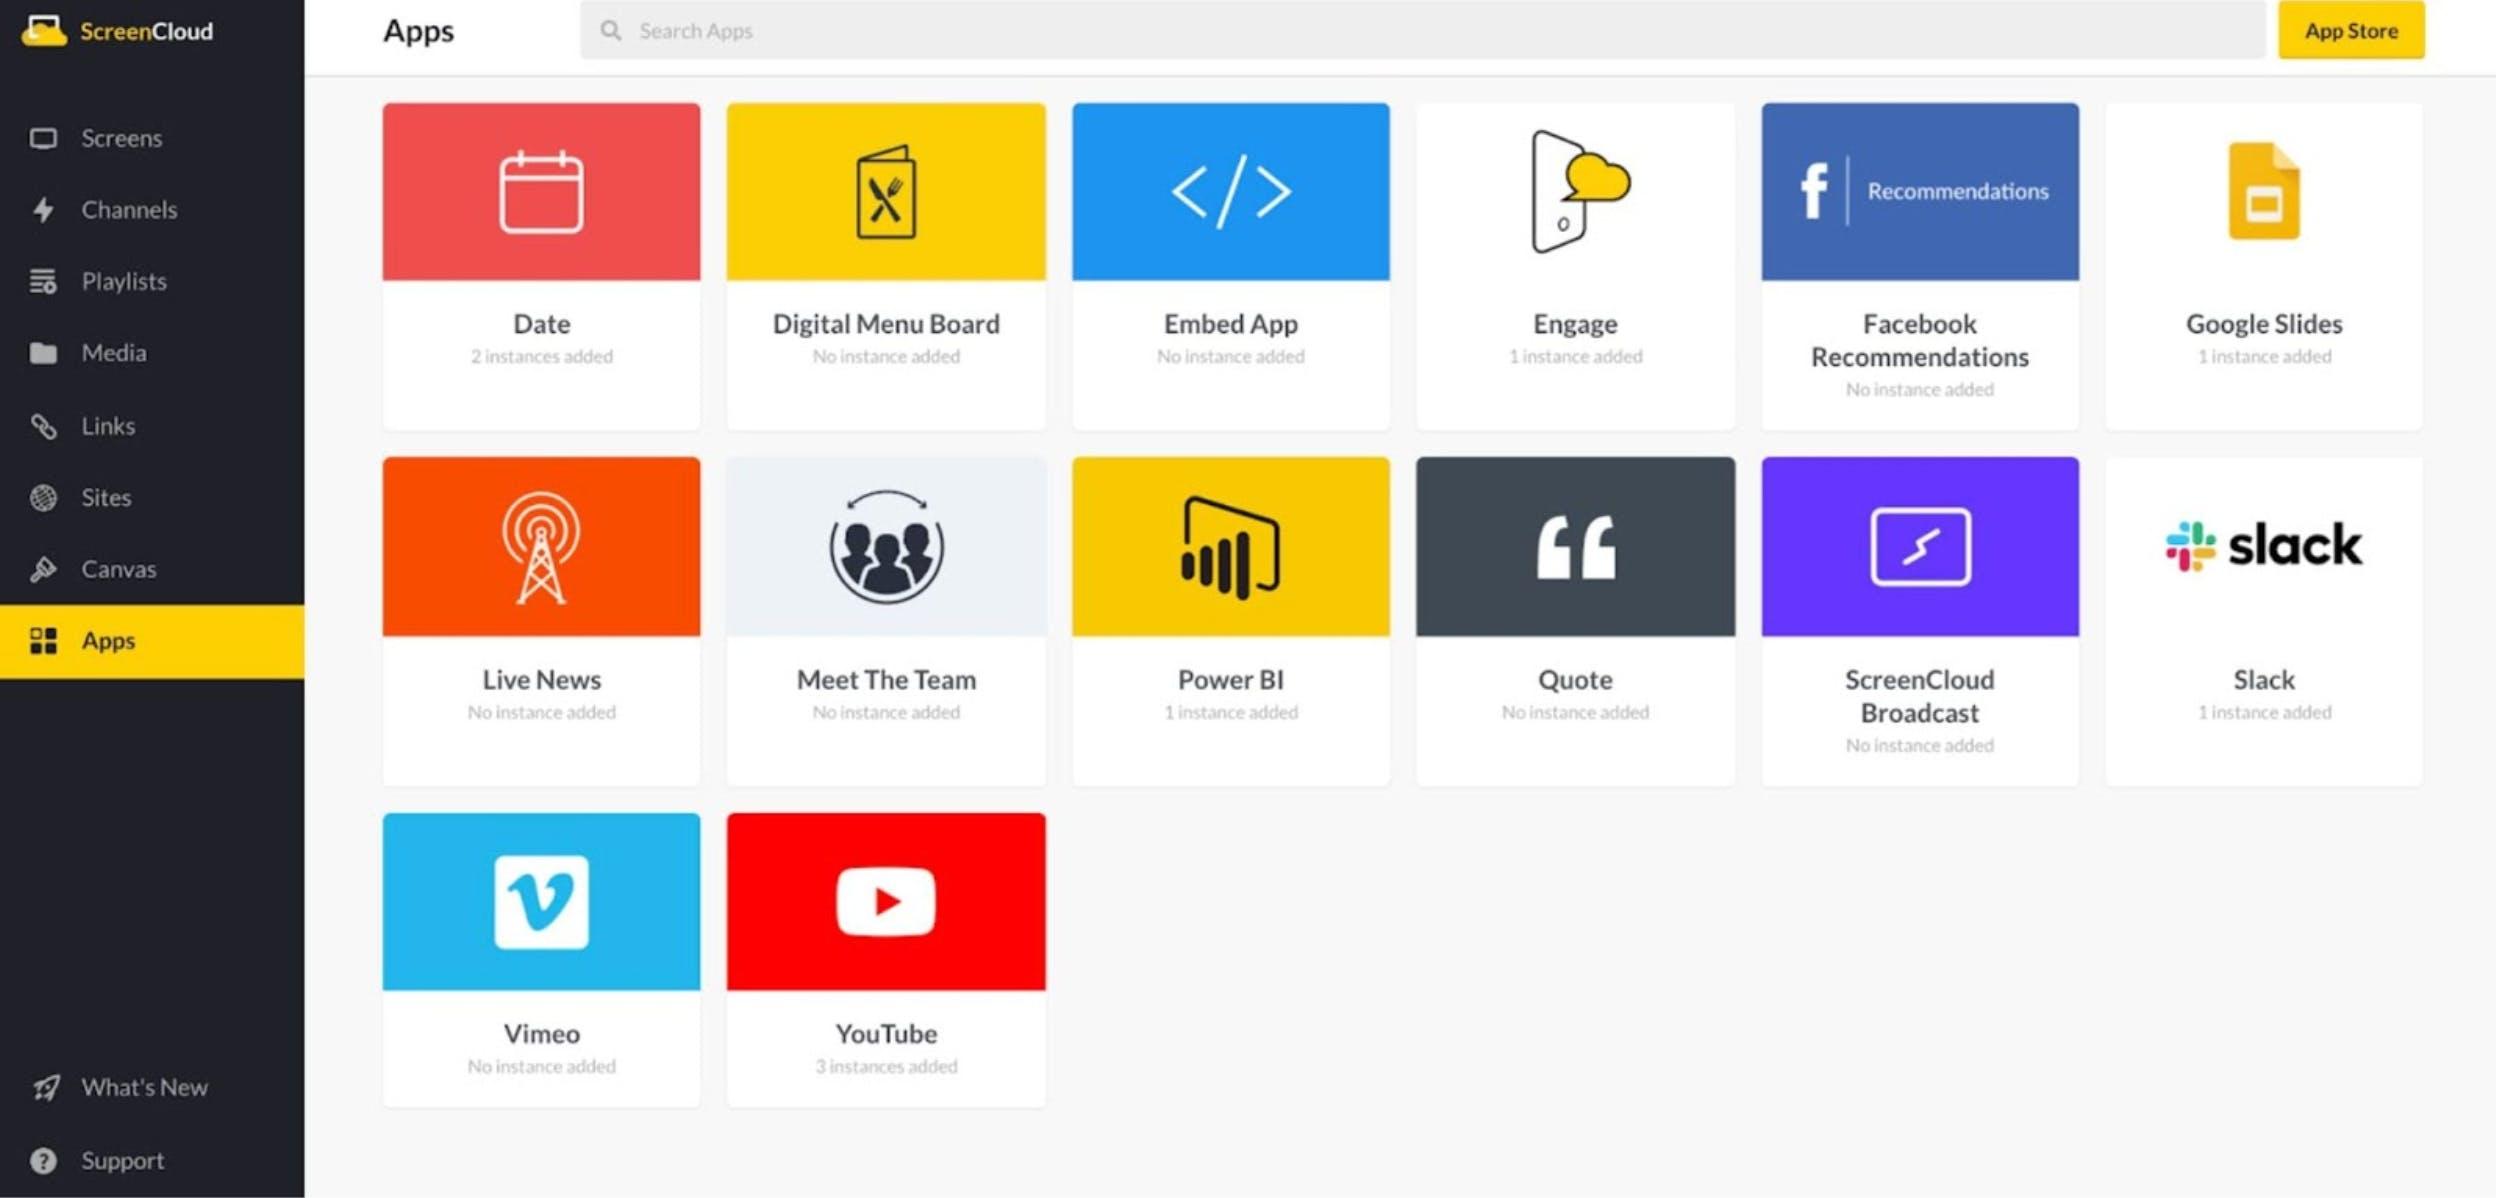 ScreenCloud Taggbox App Guide - App Store 5.28.2021.png